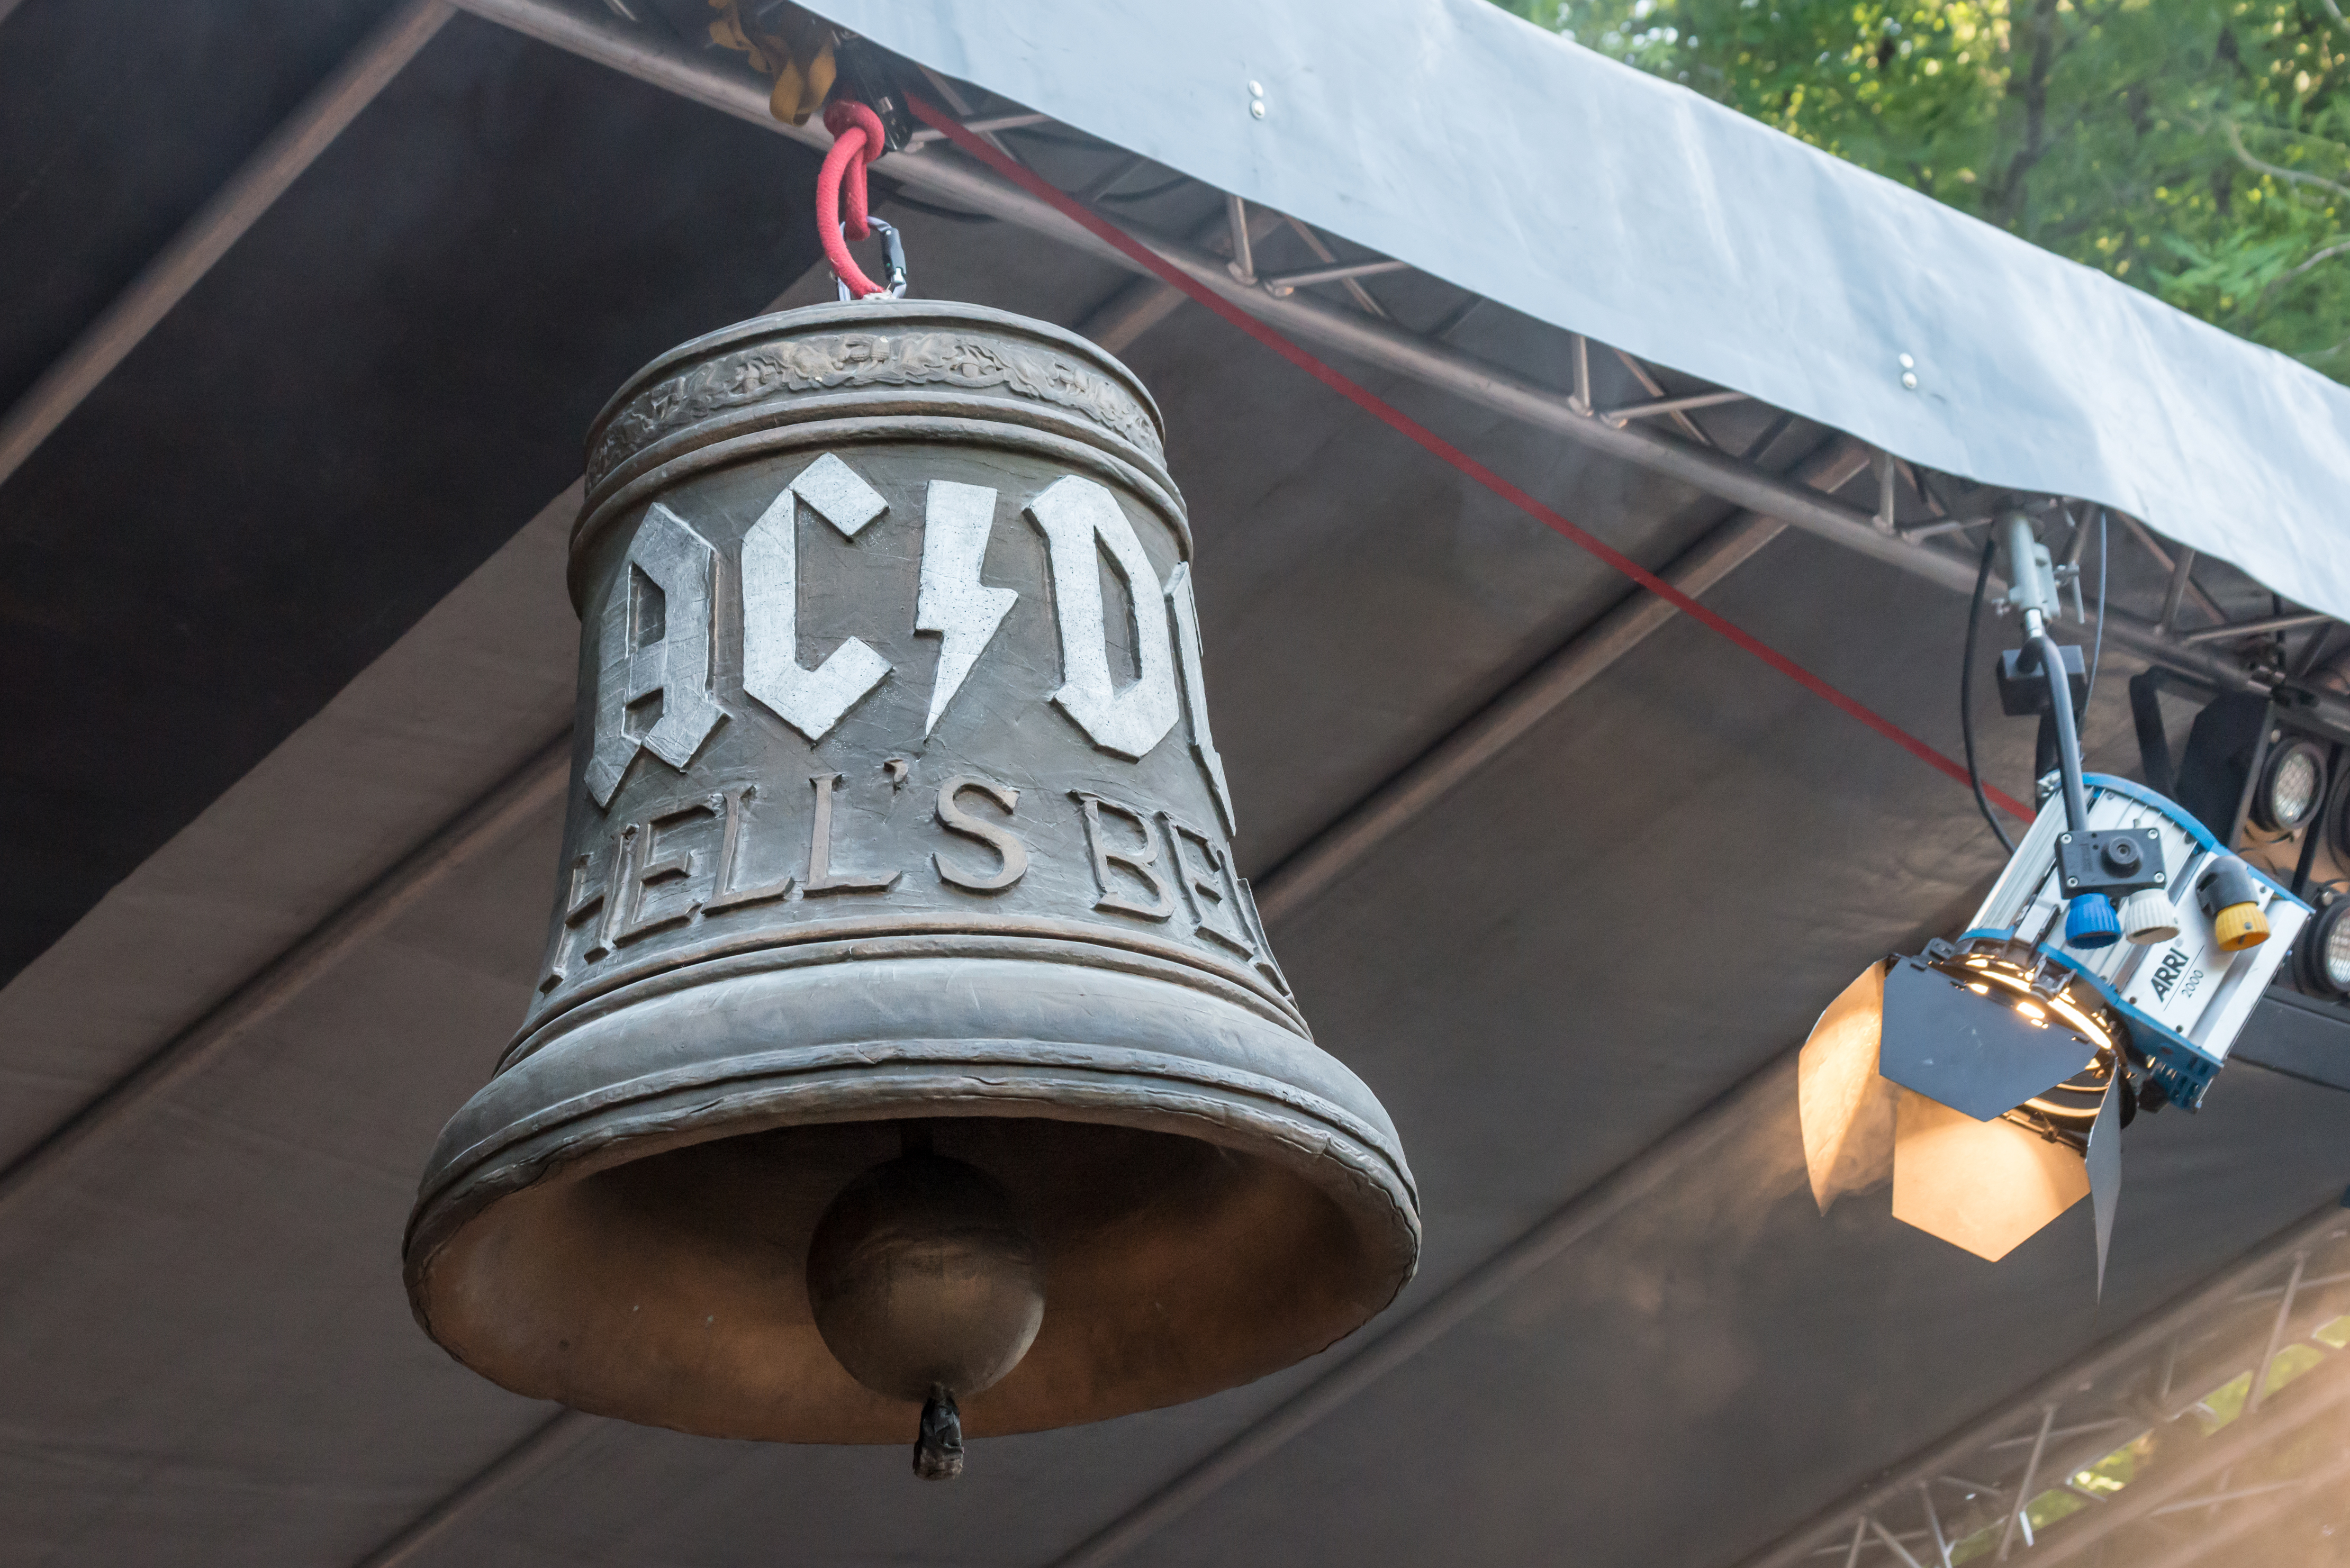 Умер бывший басист рок-группы AC/DC Пол Мэттерс